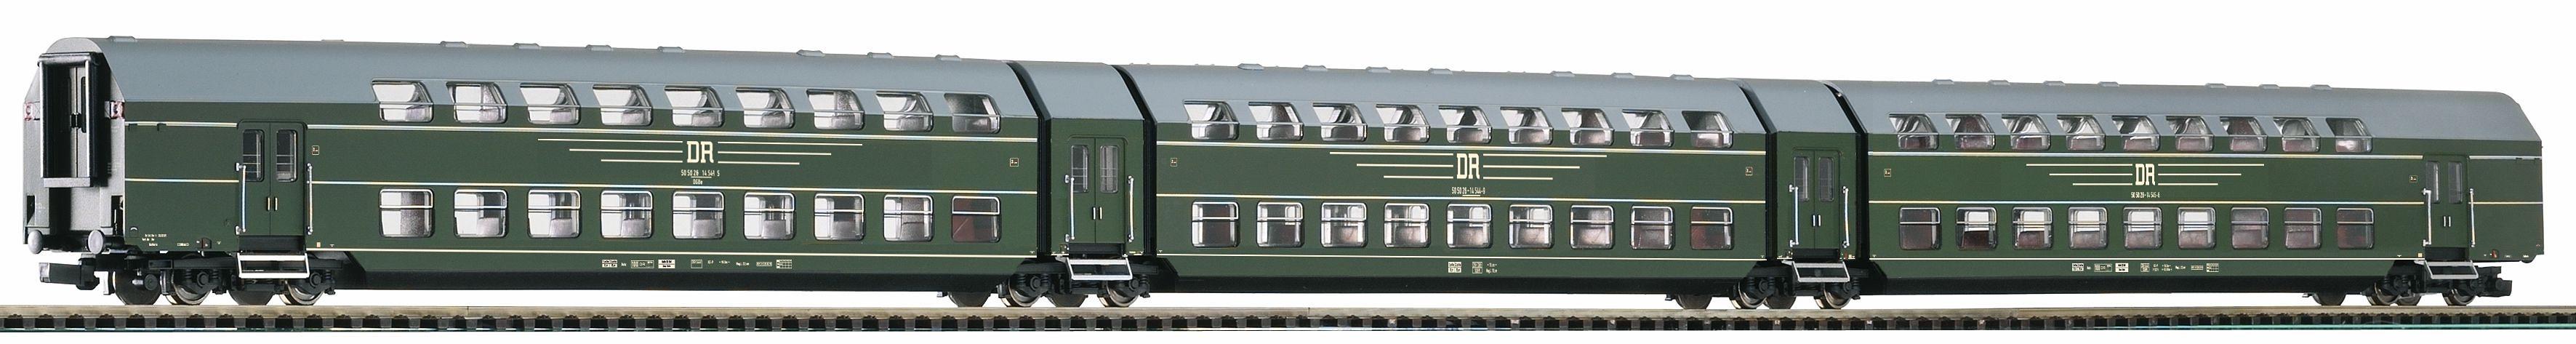 PIKO Wagenset, Spur H0, »Doppelstock-Gliederzug DGB26, 3tlg. DR - Gleichstrom«